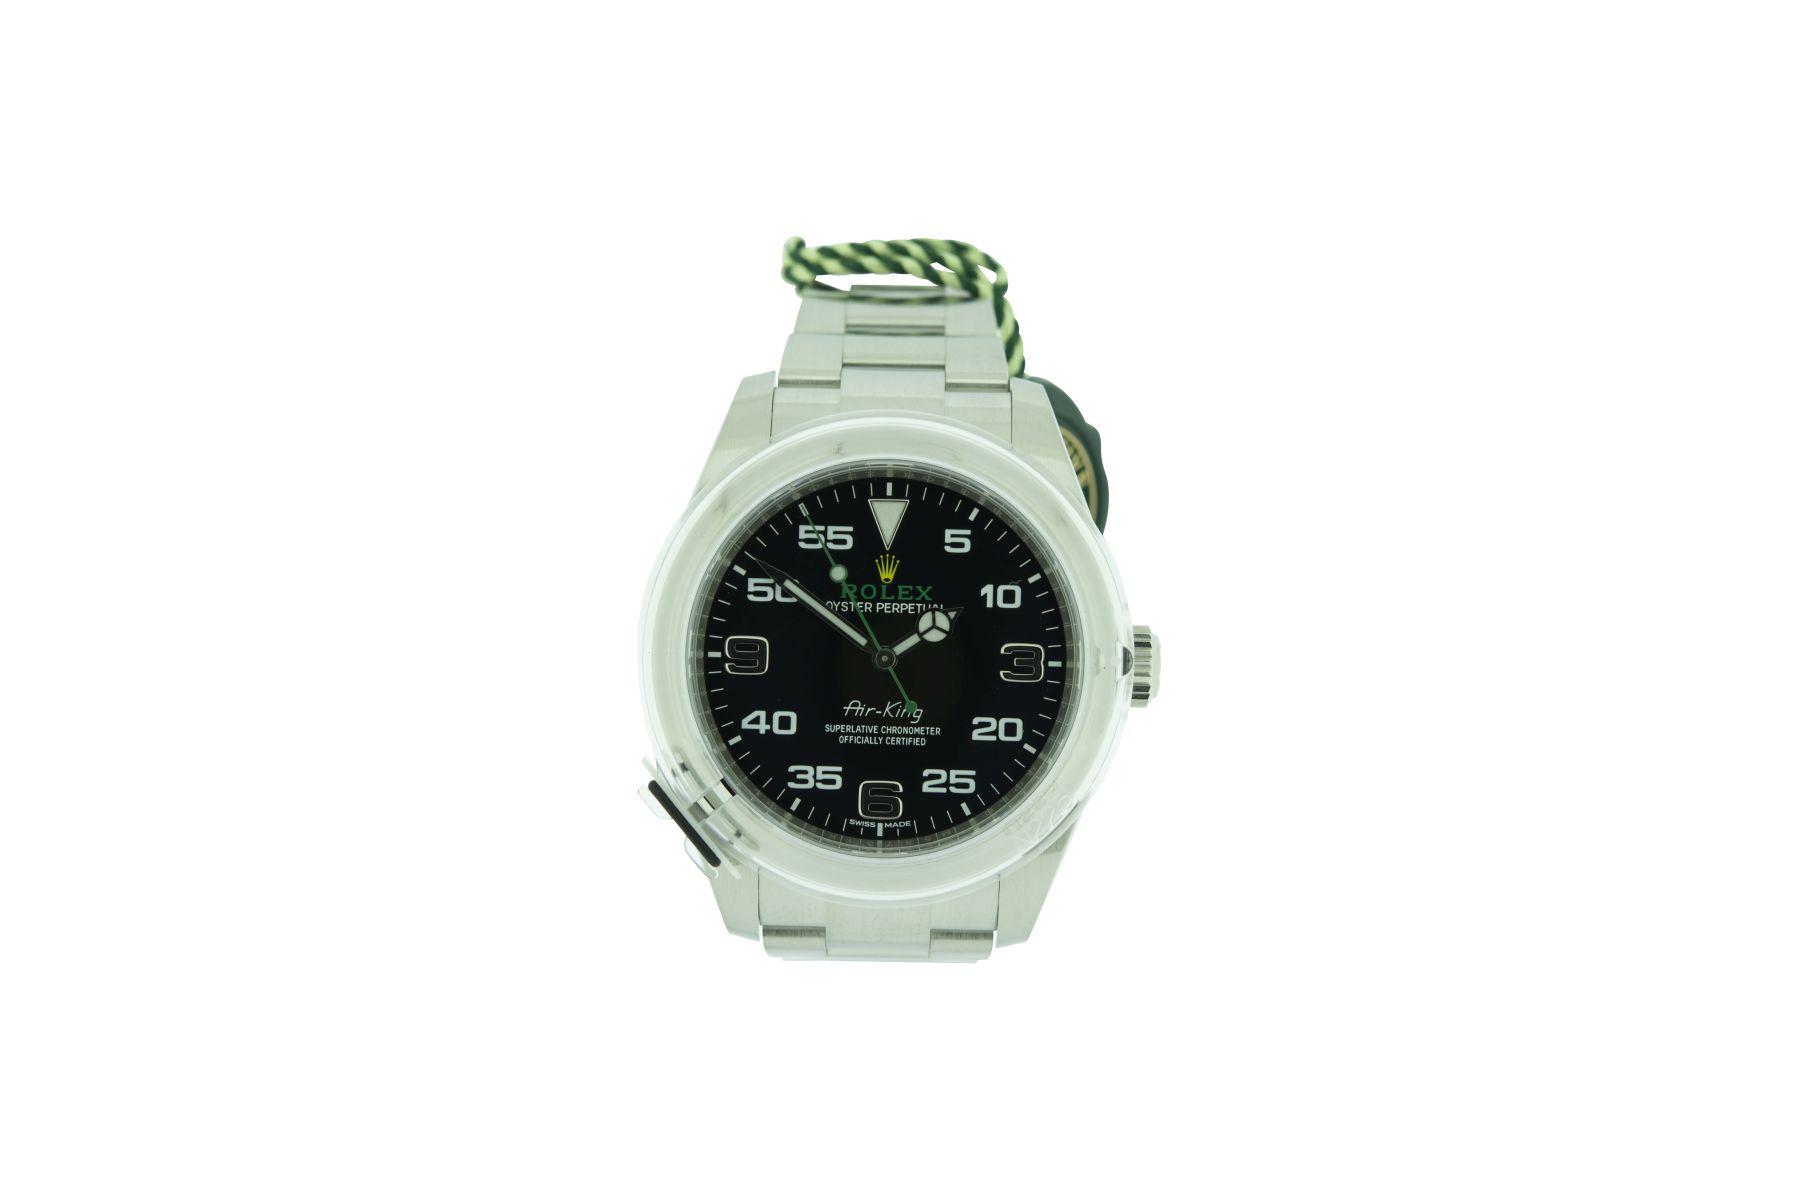 #114 Rolex Airking Neu Referenz 116900 | Rolex Airking Neu Referenz 116900 Image